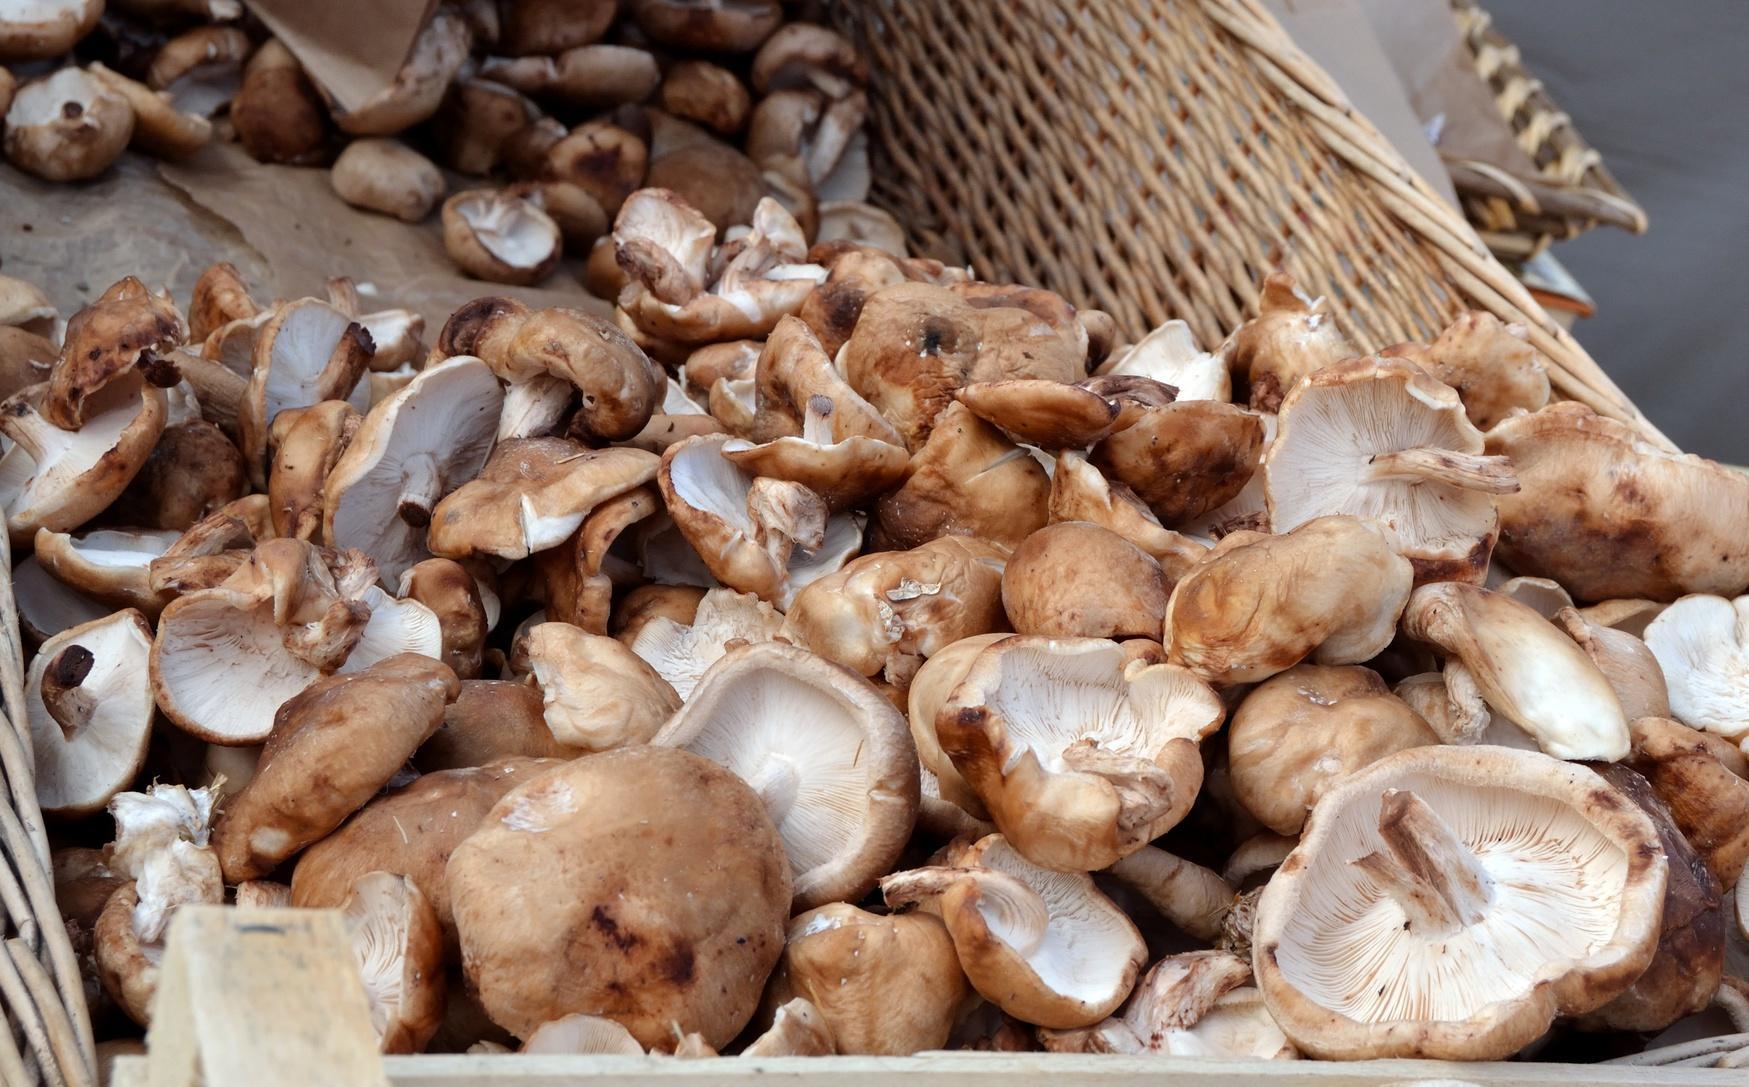 Recetas de hongos shiitake - Kitchen / Madame Figaro